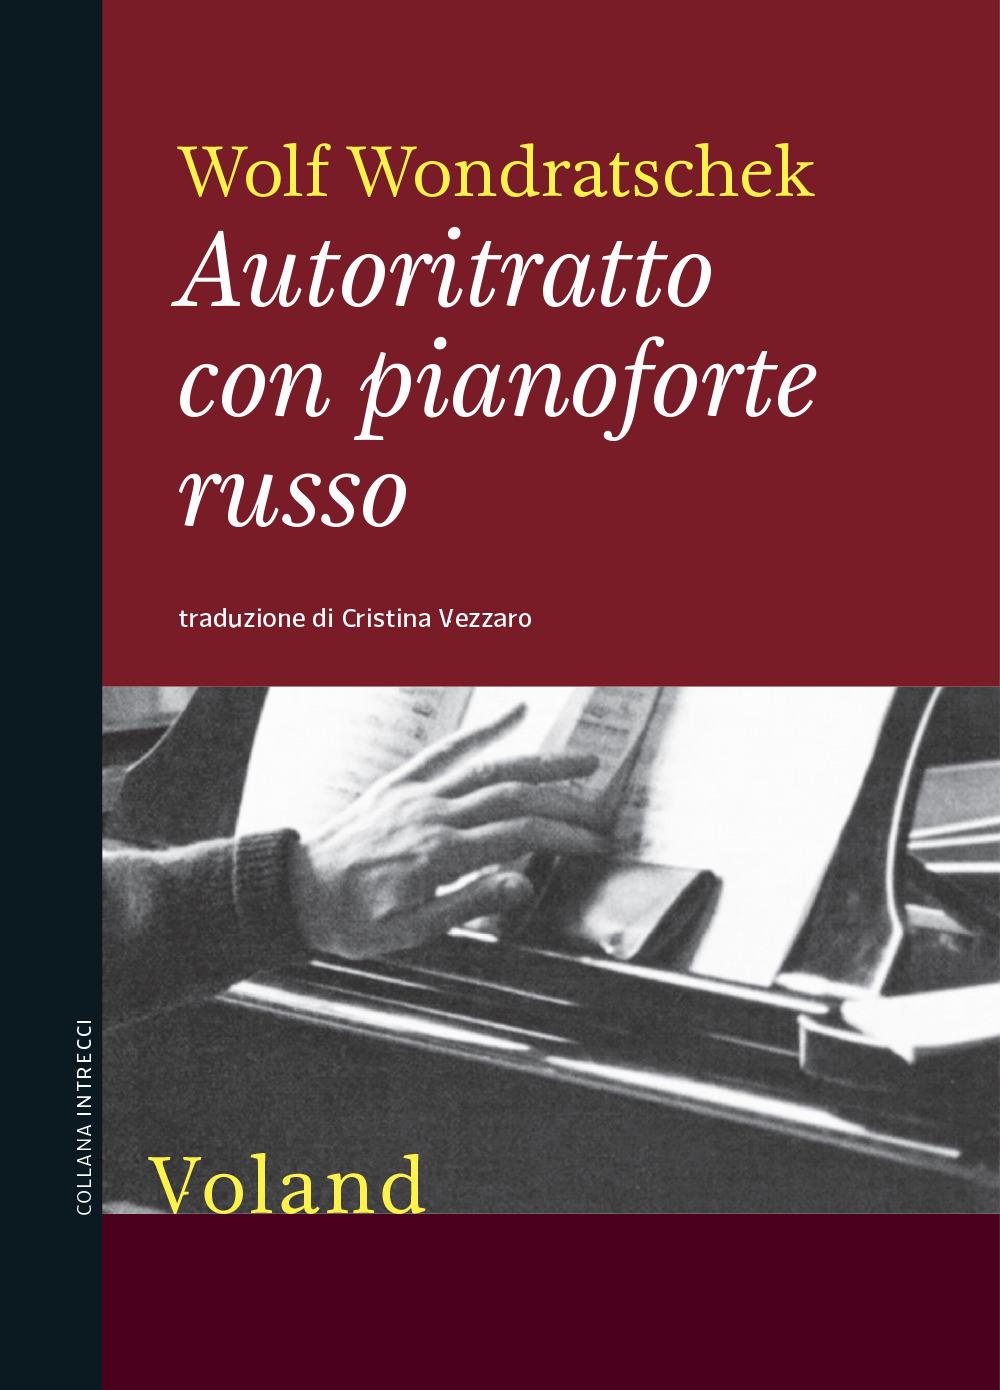 AUTORITRATTO CON PIANOFORTE RUSSO - Wondratschek Wolf - 9788862434188